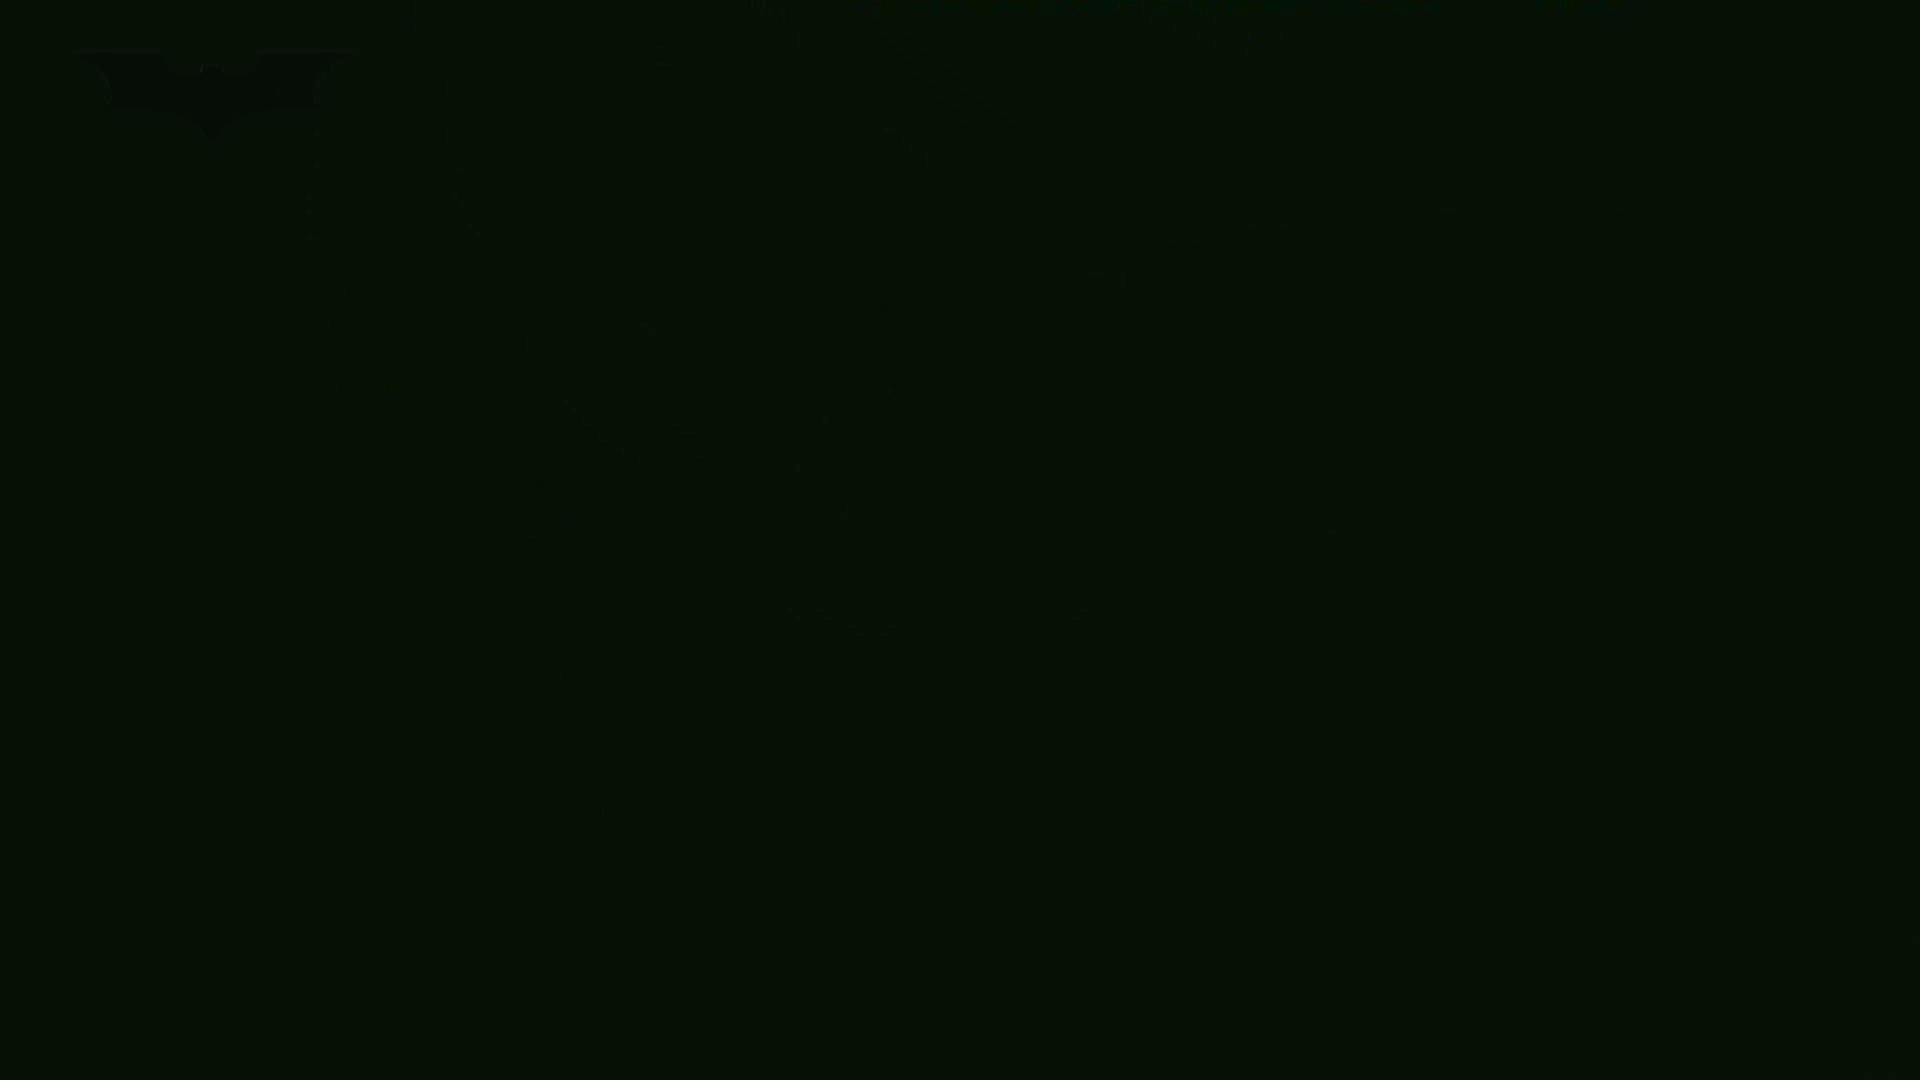 ステーション編 vol.29 頭二つ飛び出る180cm長身モデル ギャルズ すけべAV動画紹介 94画像 42